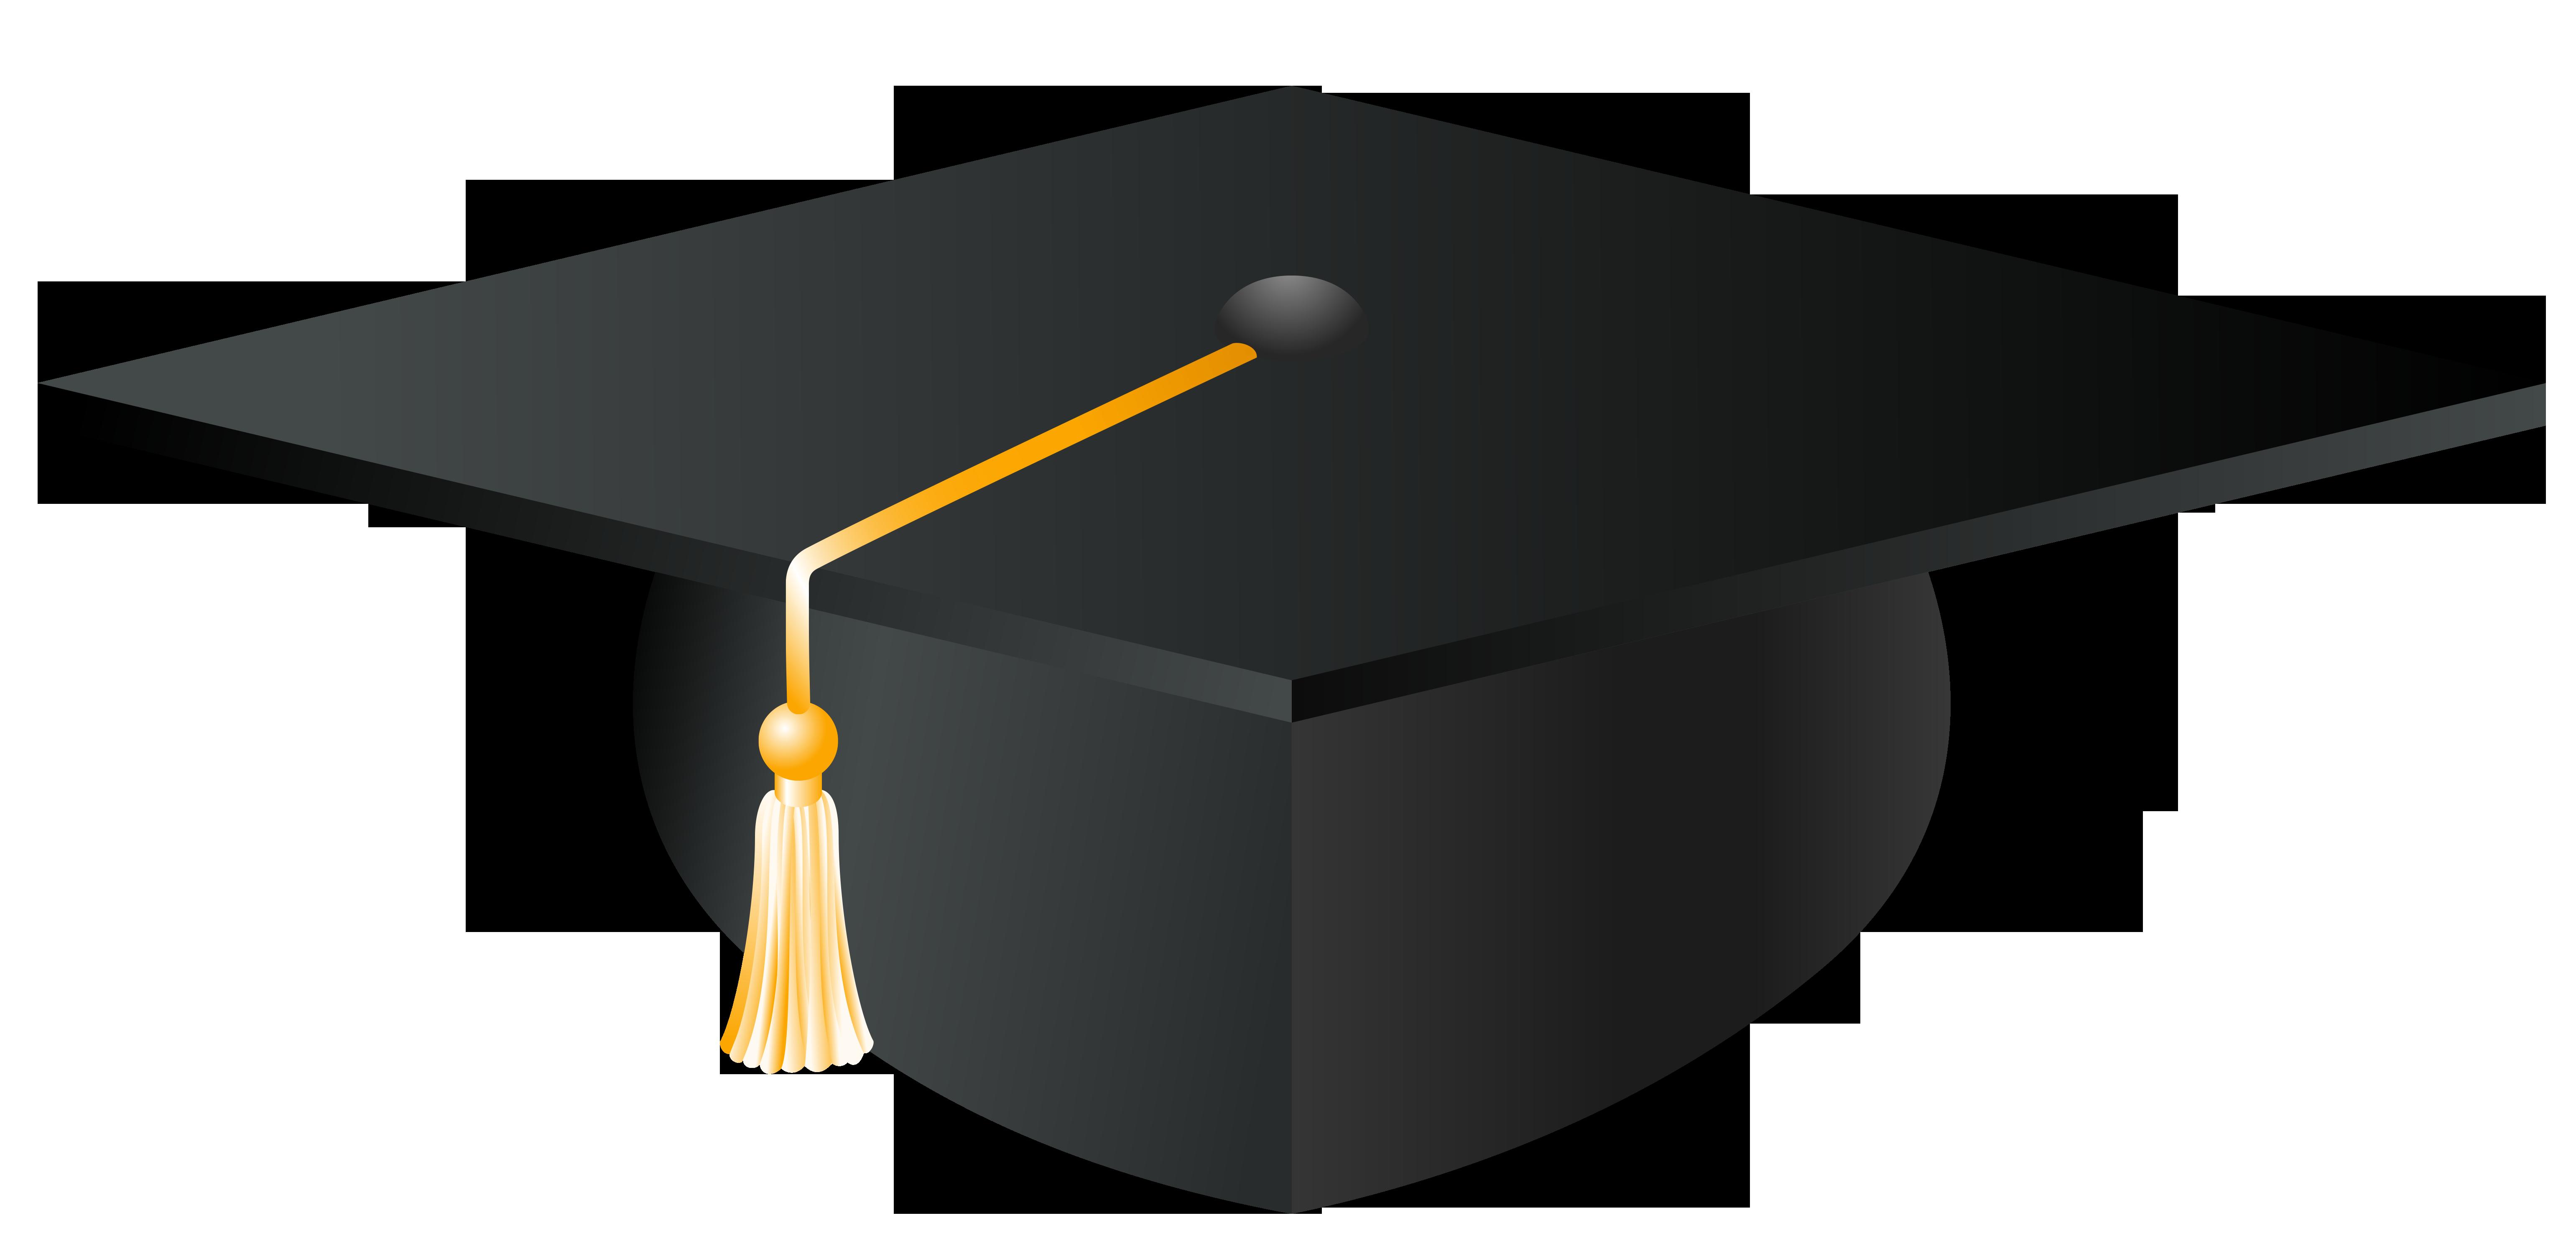 Graduation Cap PNG Vector Clipart Image .